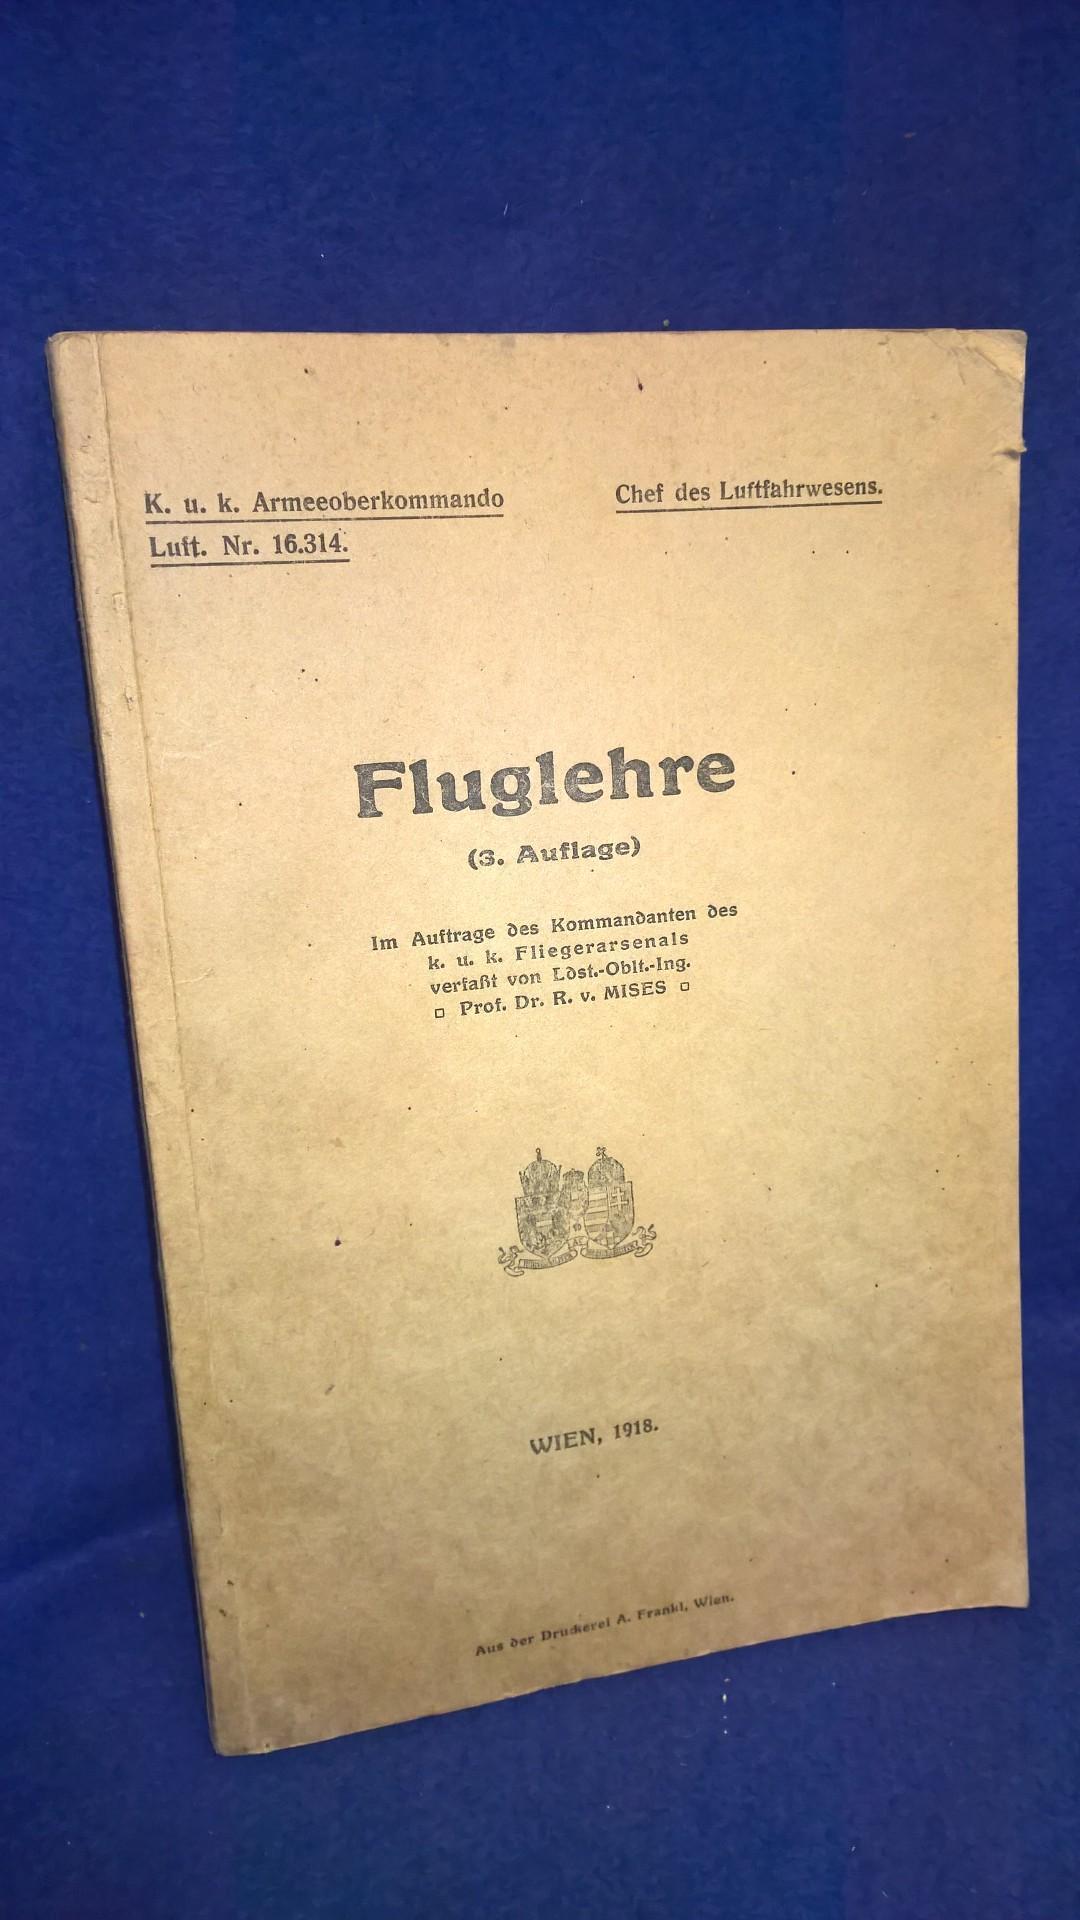 K.u.K. Armeeoberkommando Luft. Chef des Luftfahrwesens. FLUGLEHRE. Seltene Schrift aus dem Kriegsjahr 1918.